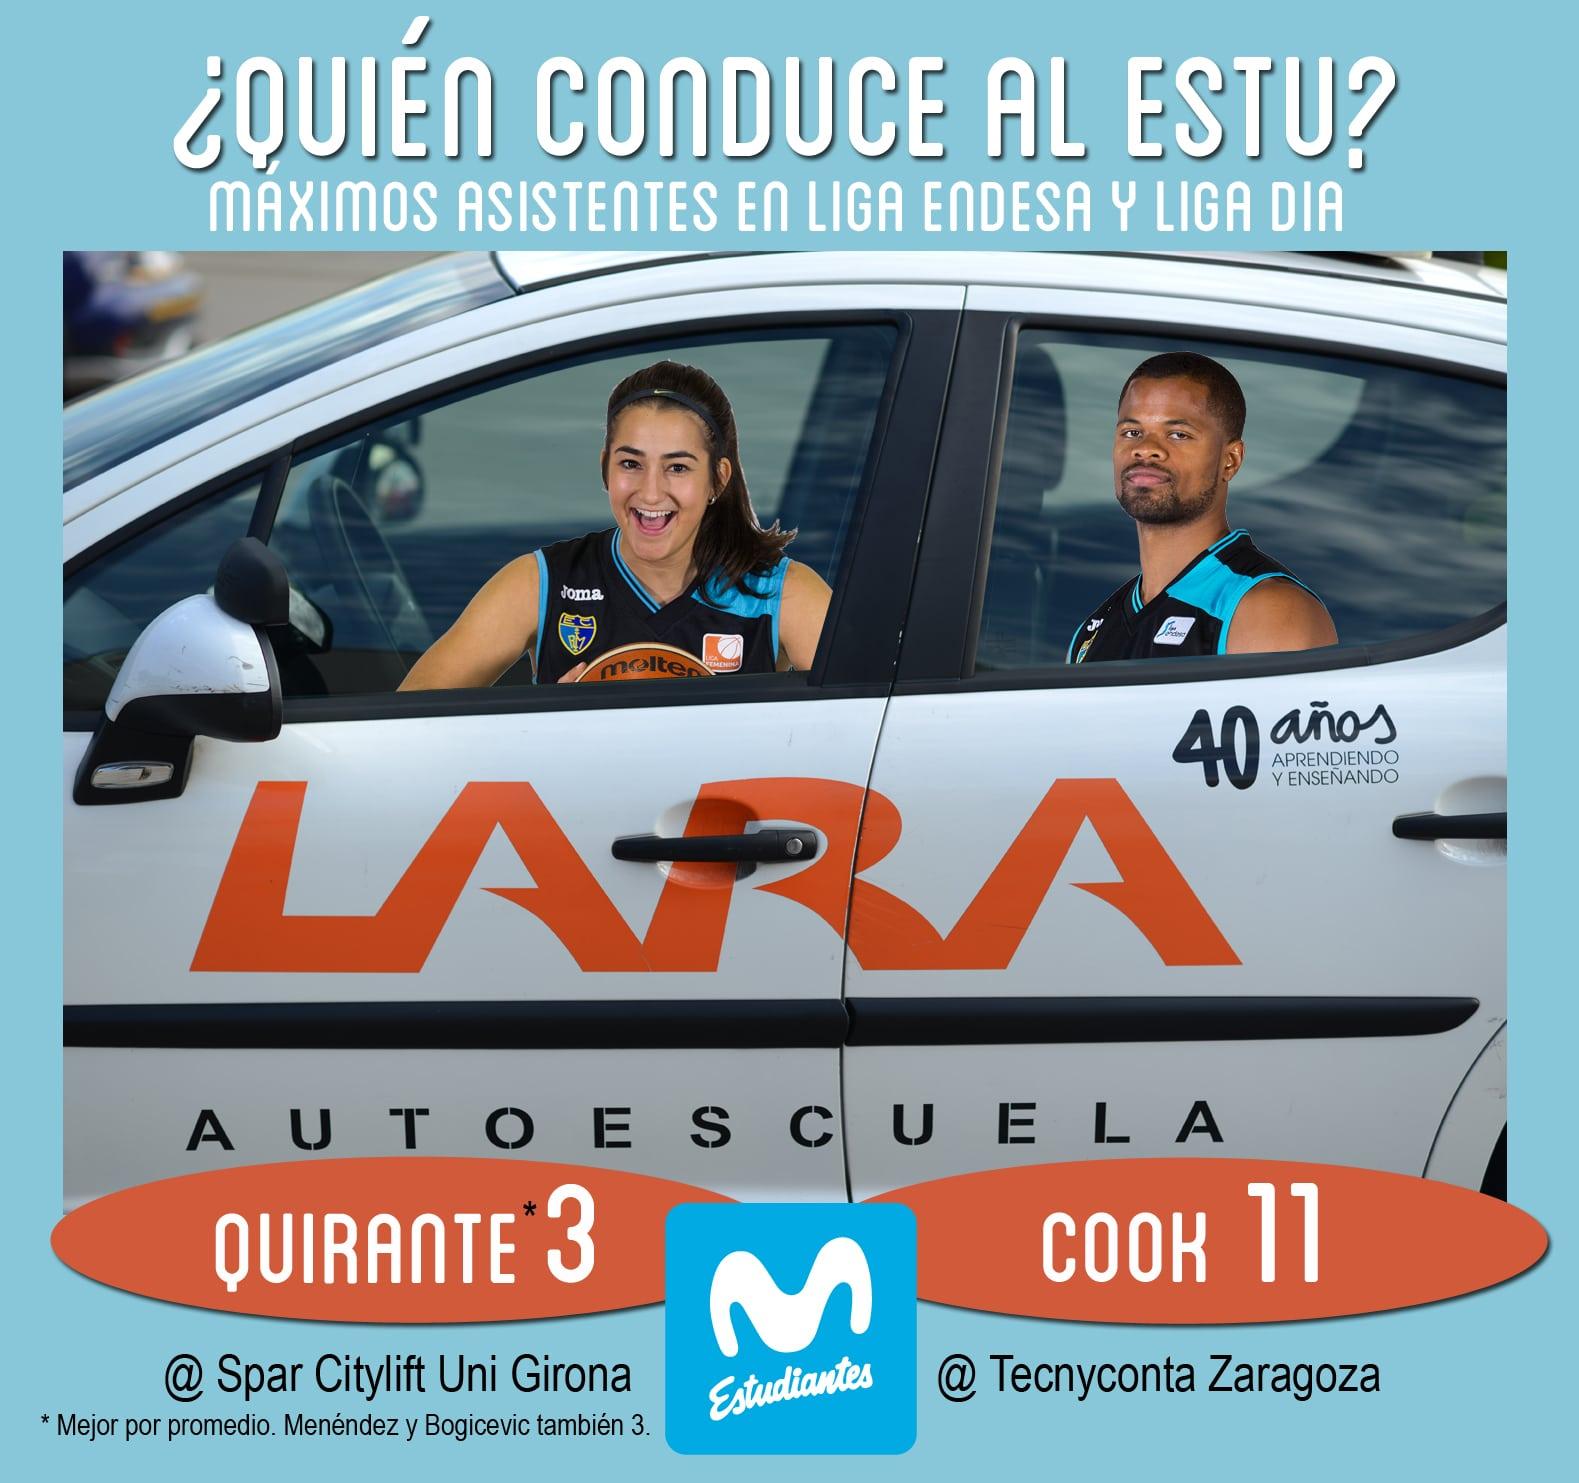 Conductores Autoescuela Lara: Omar Cook y Alejandra Quirante